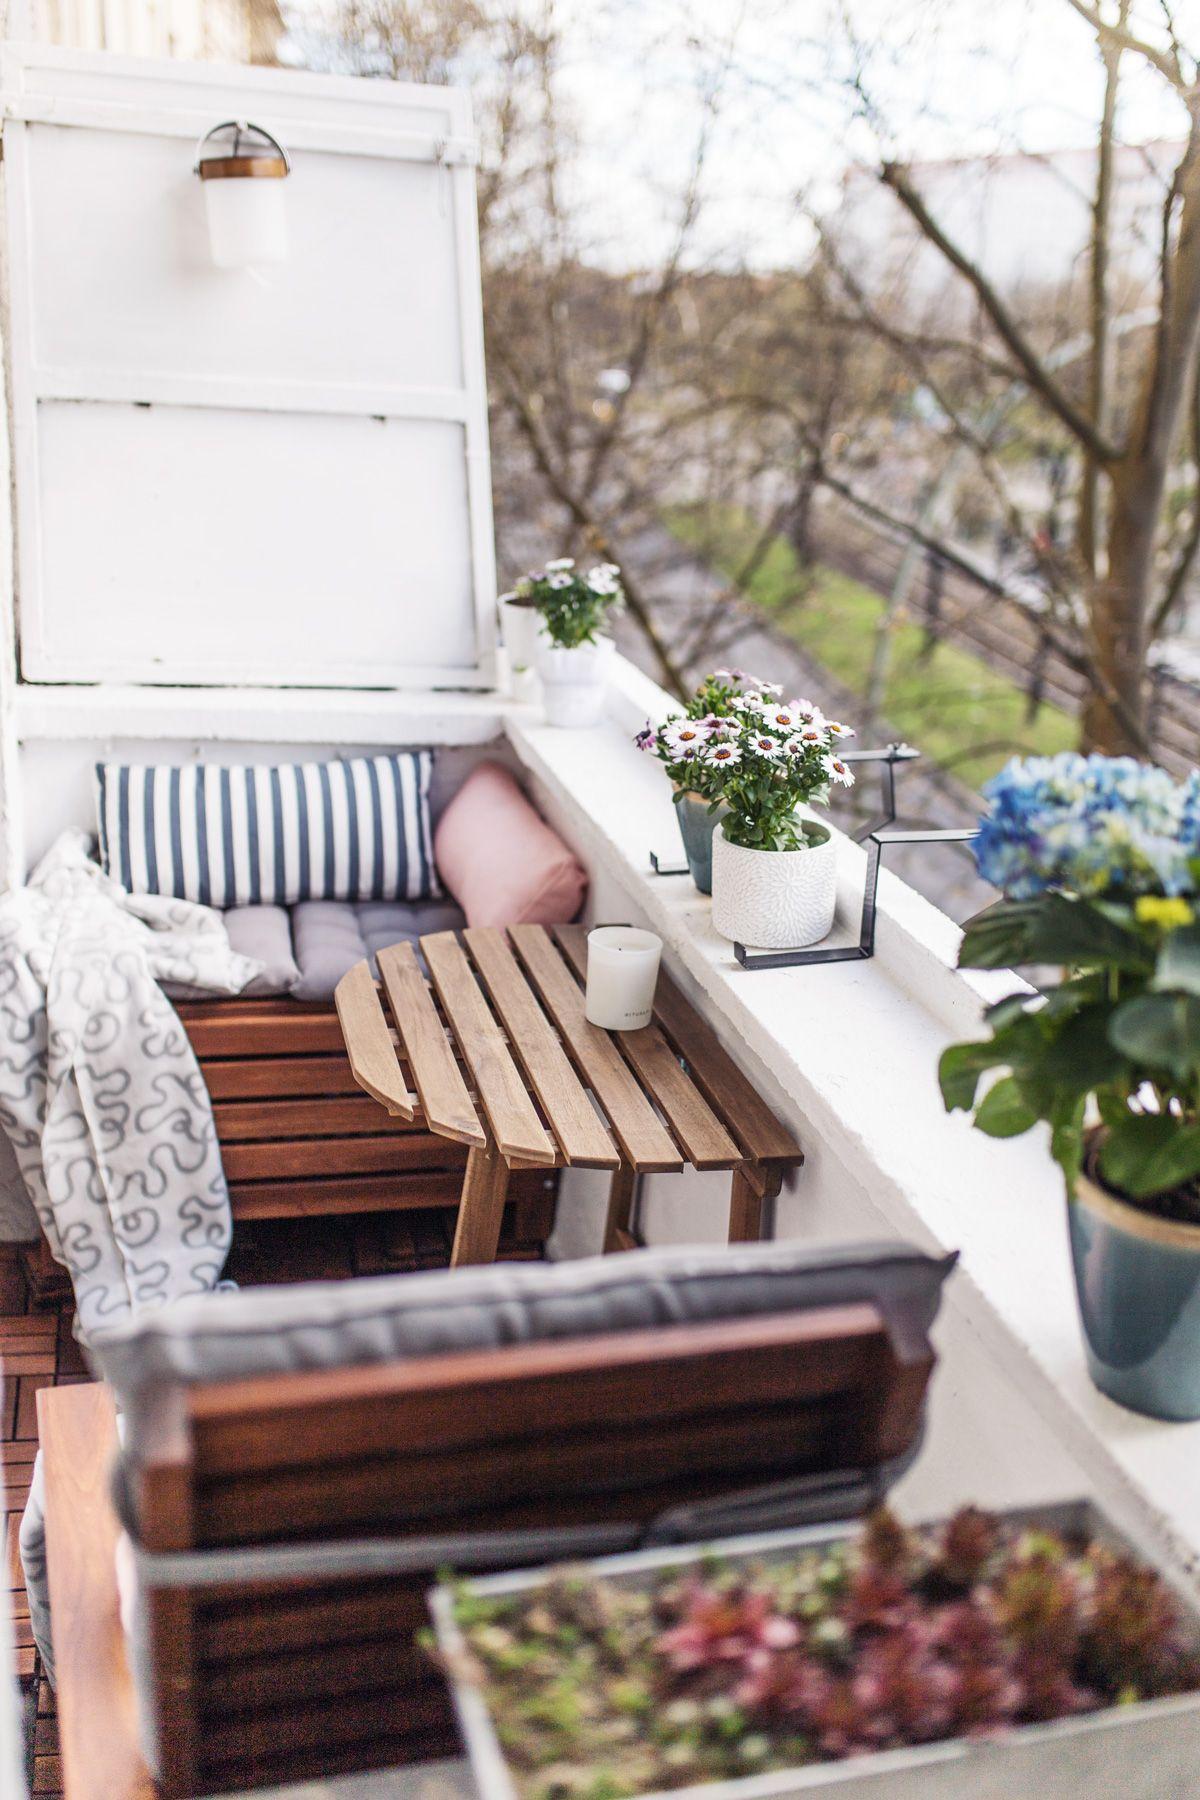 Schön Kleinen Balkon Gestalten Schema